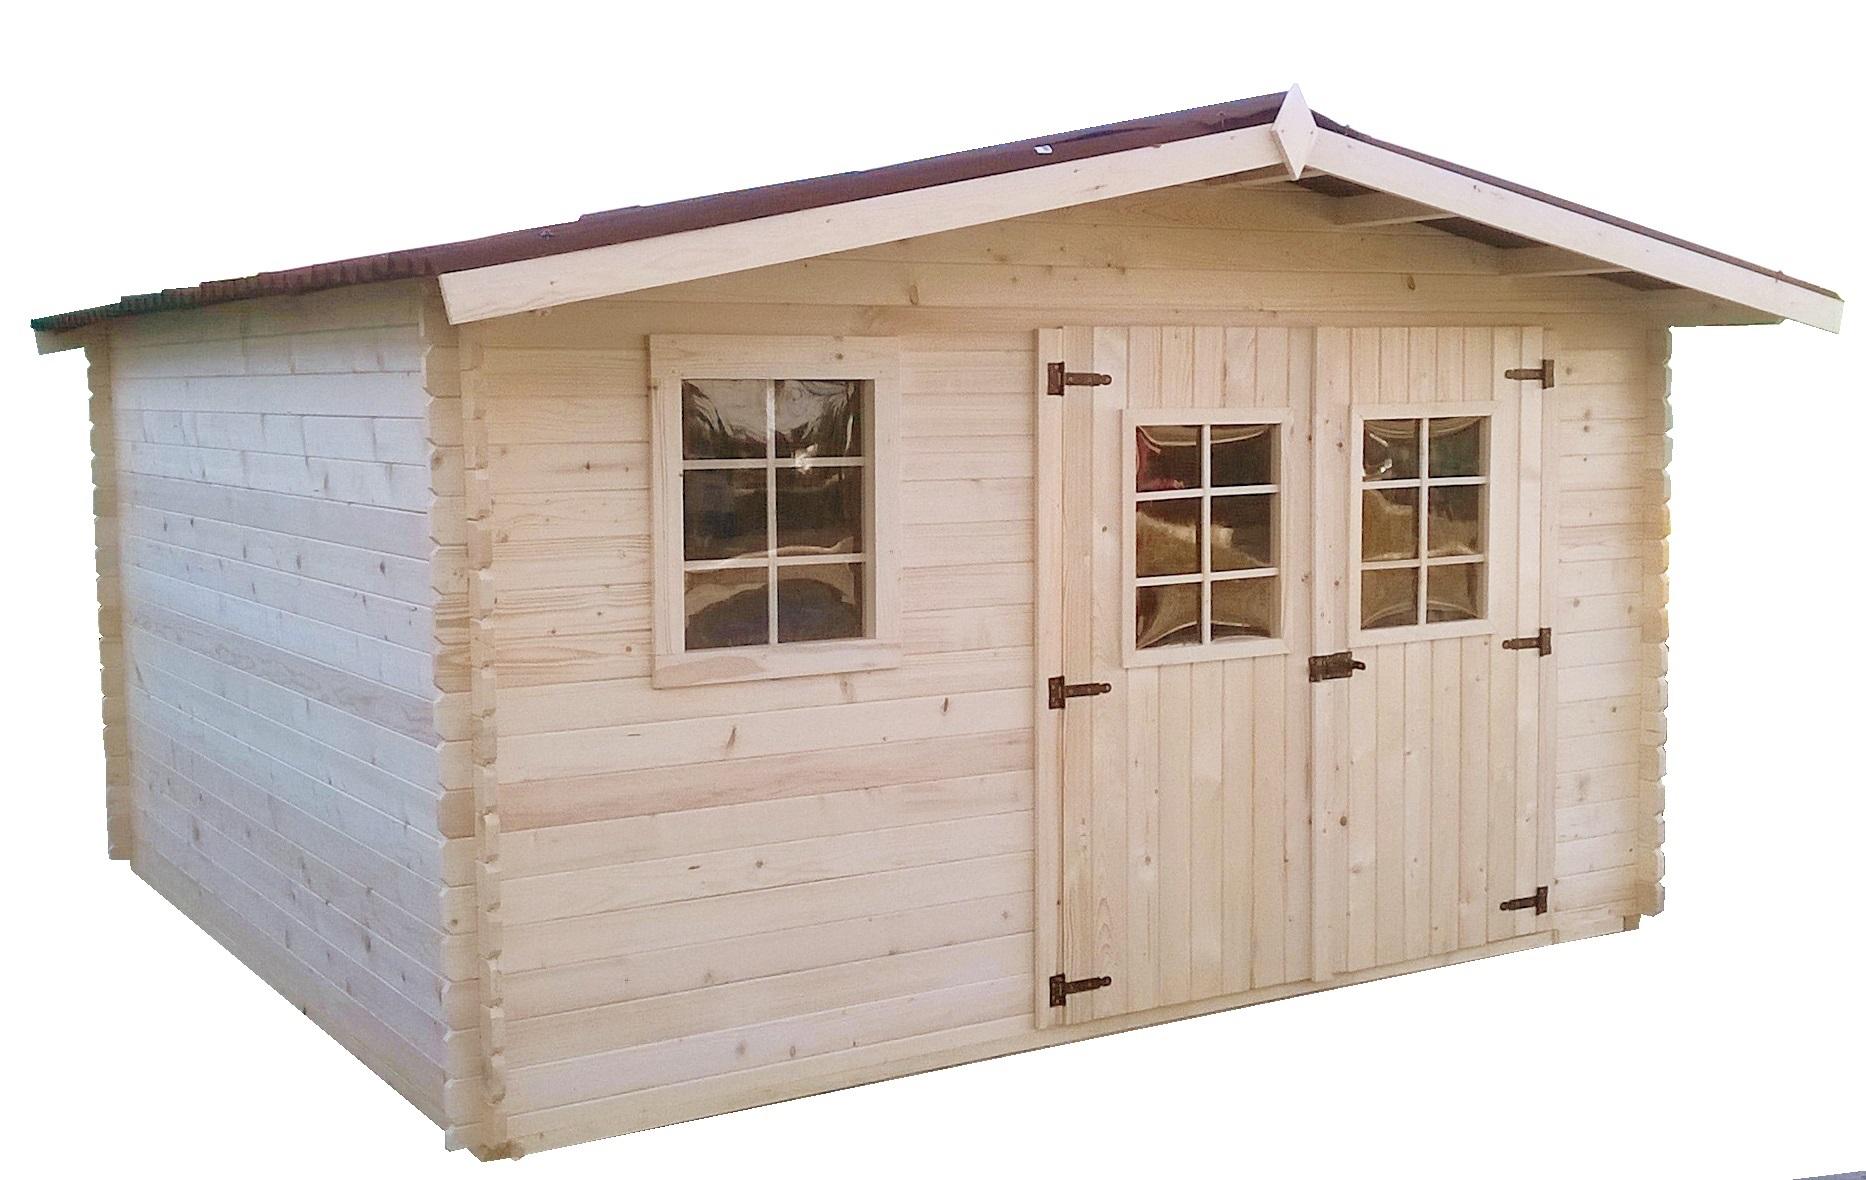 Chalet de jardin declaration - Châlet, maison et cabane